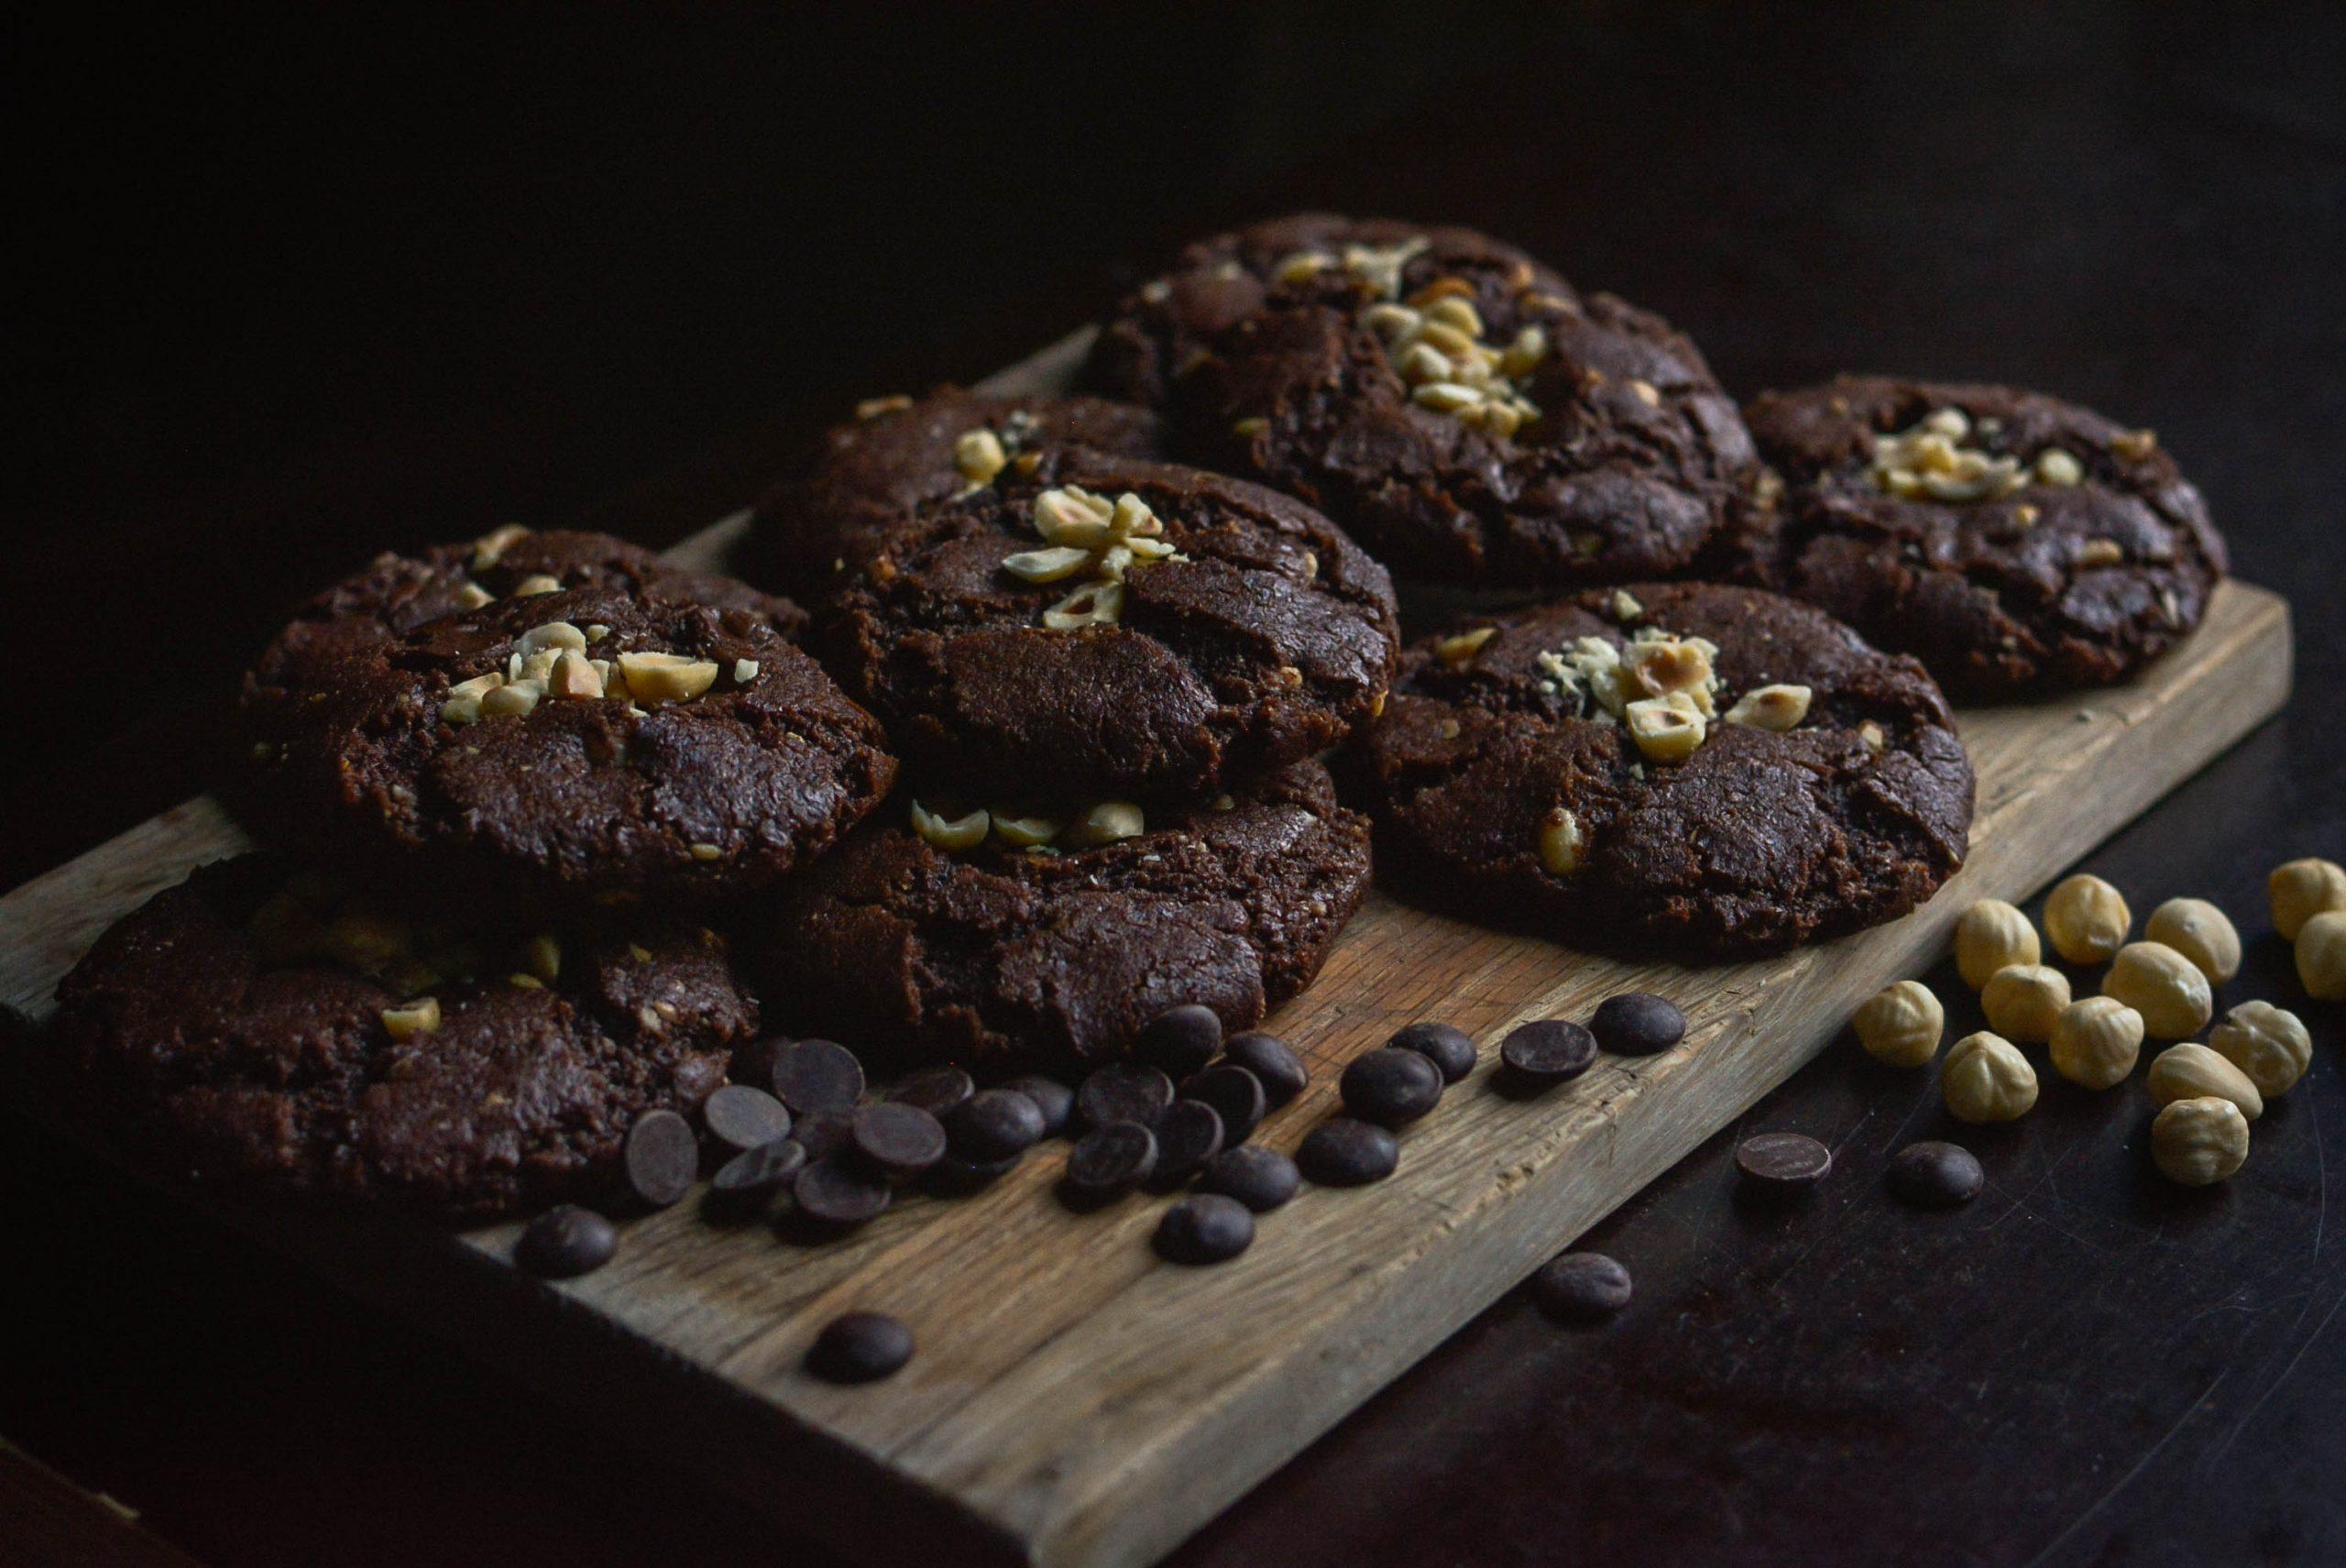 Je bekijkt nu Chocolade hazelnoot koeken